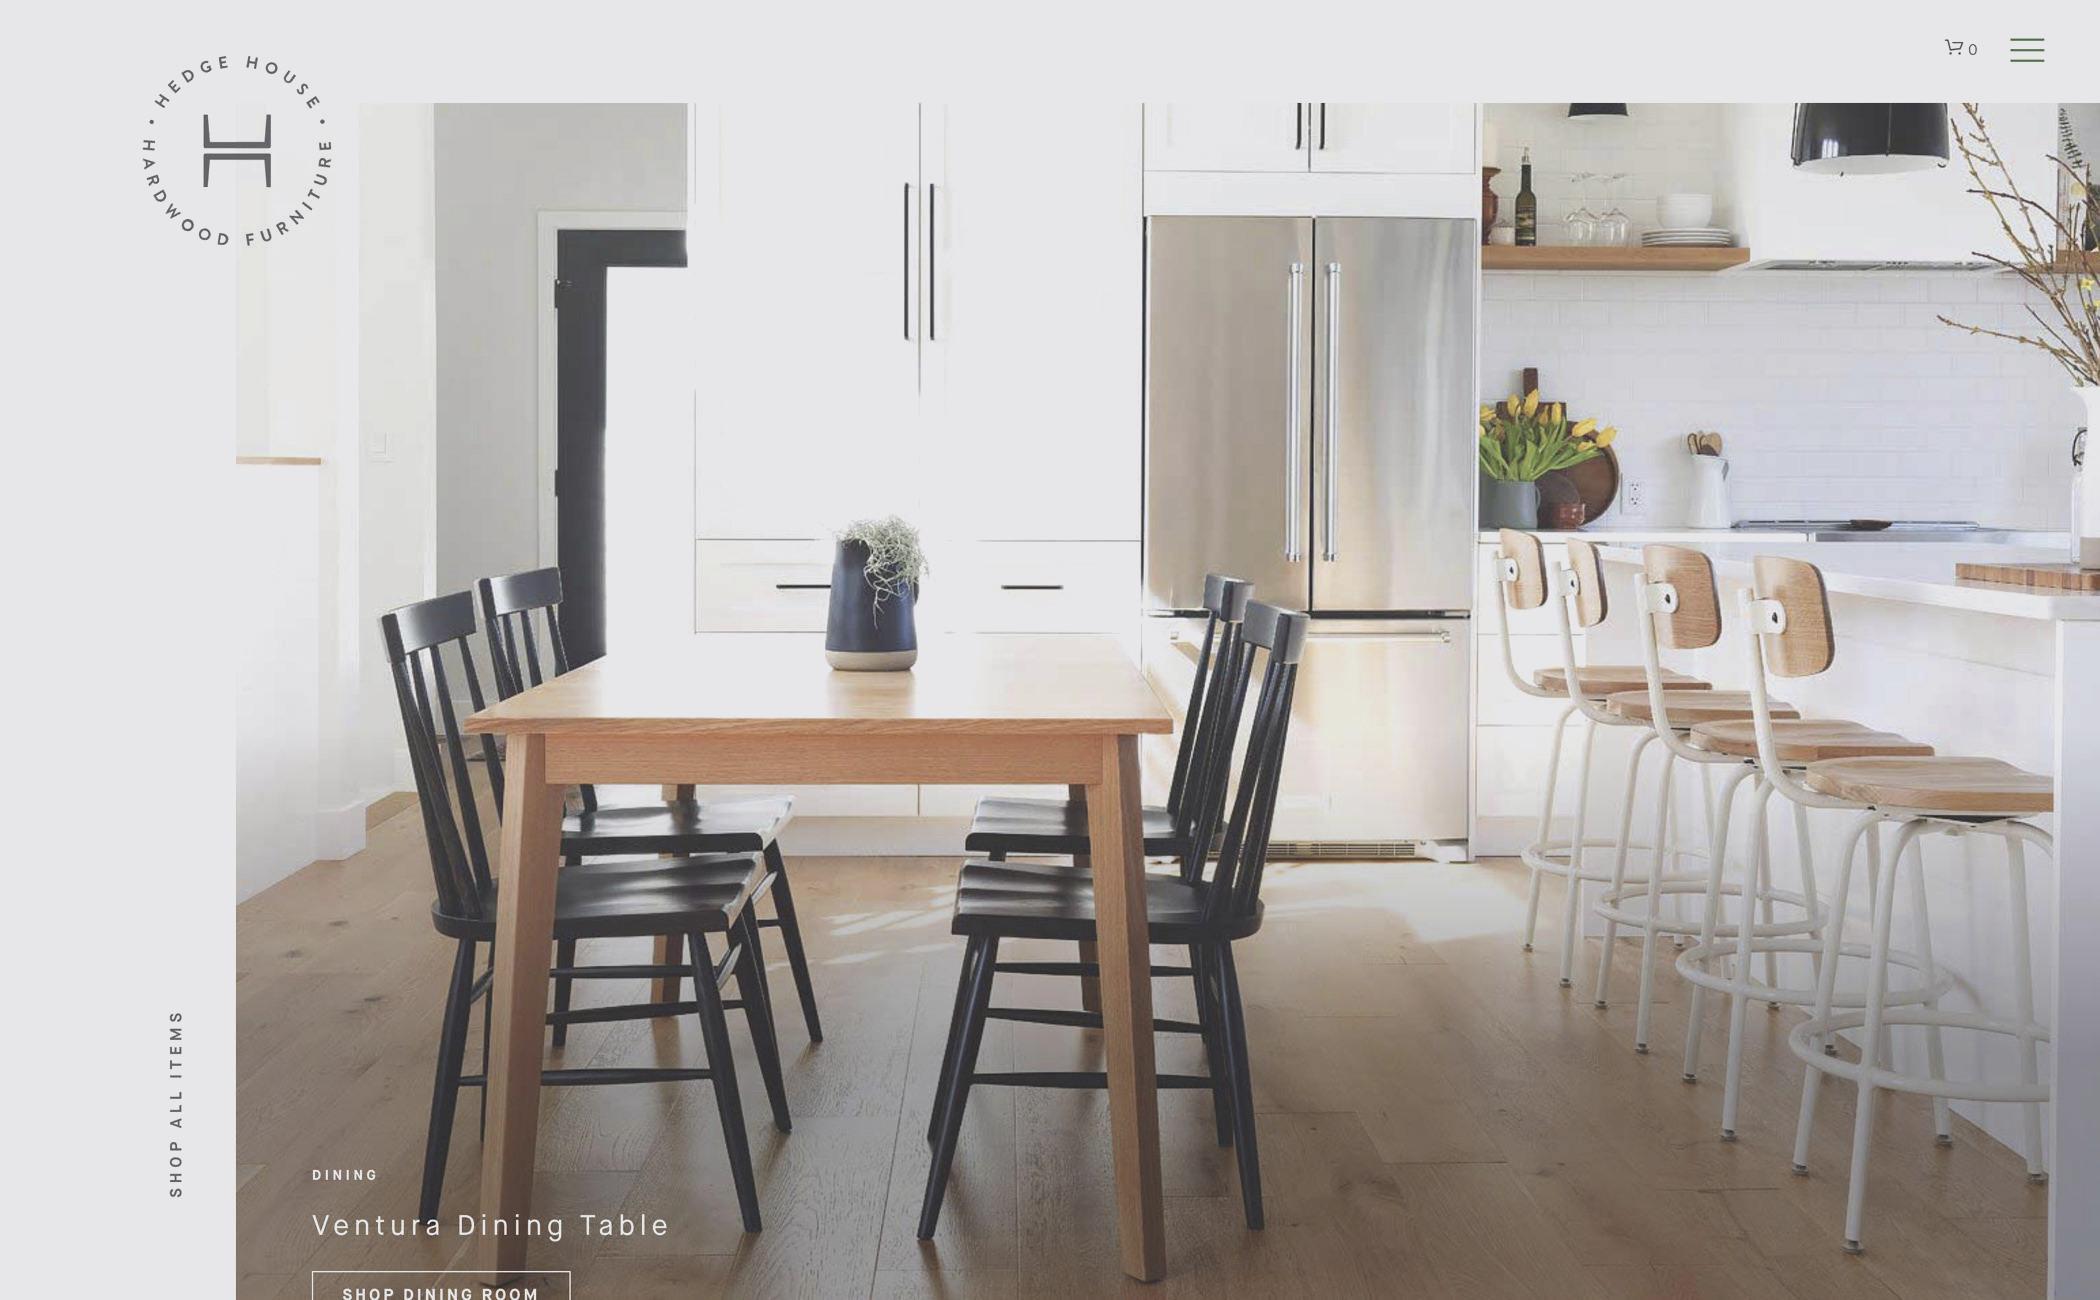 modern hardwood flooring ideas of floor view furniture sliders for hardwood floors room design plan with floorview furniture sliders for hardwood floors room design plan modern on home interior ideas